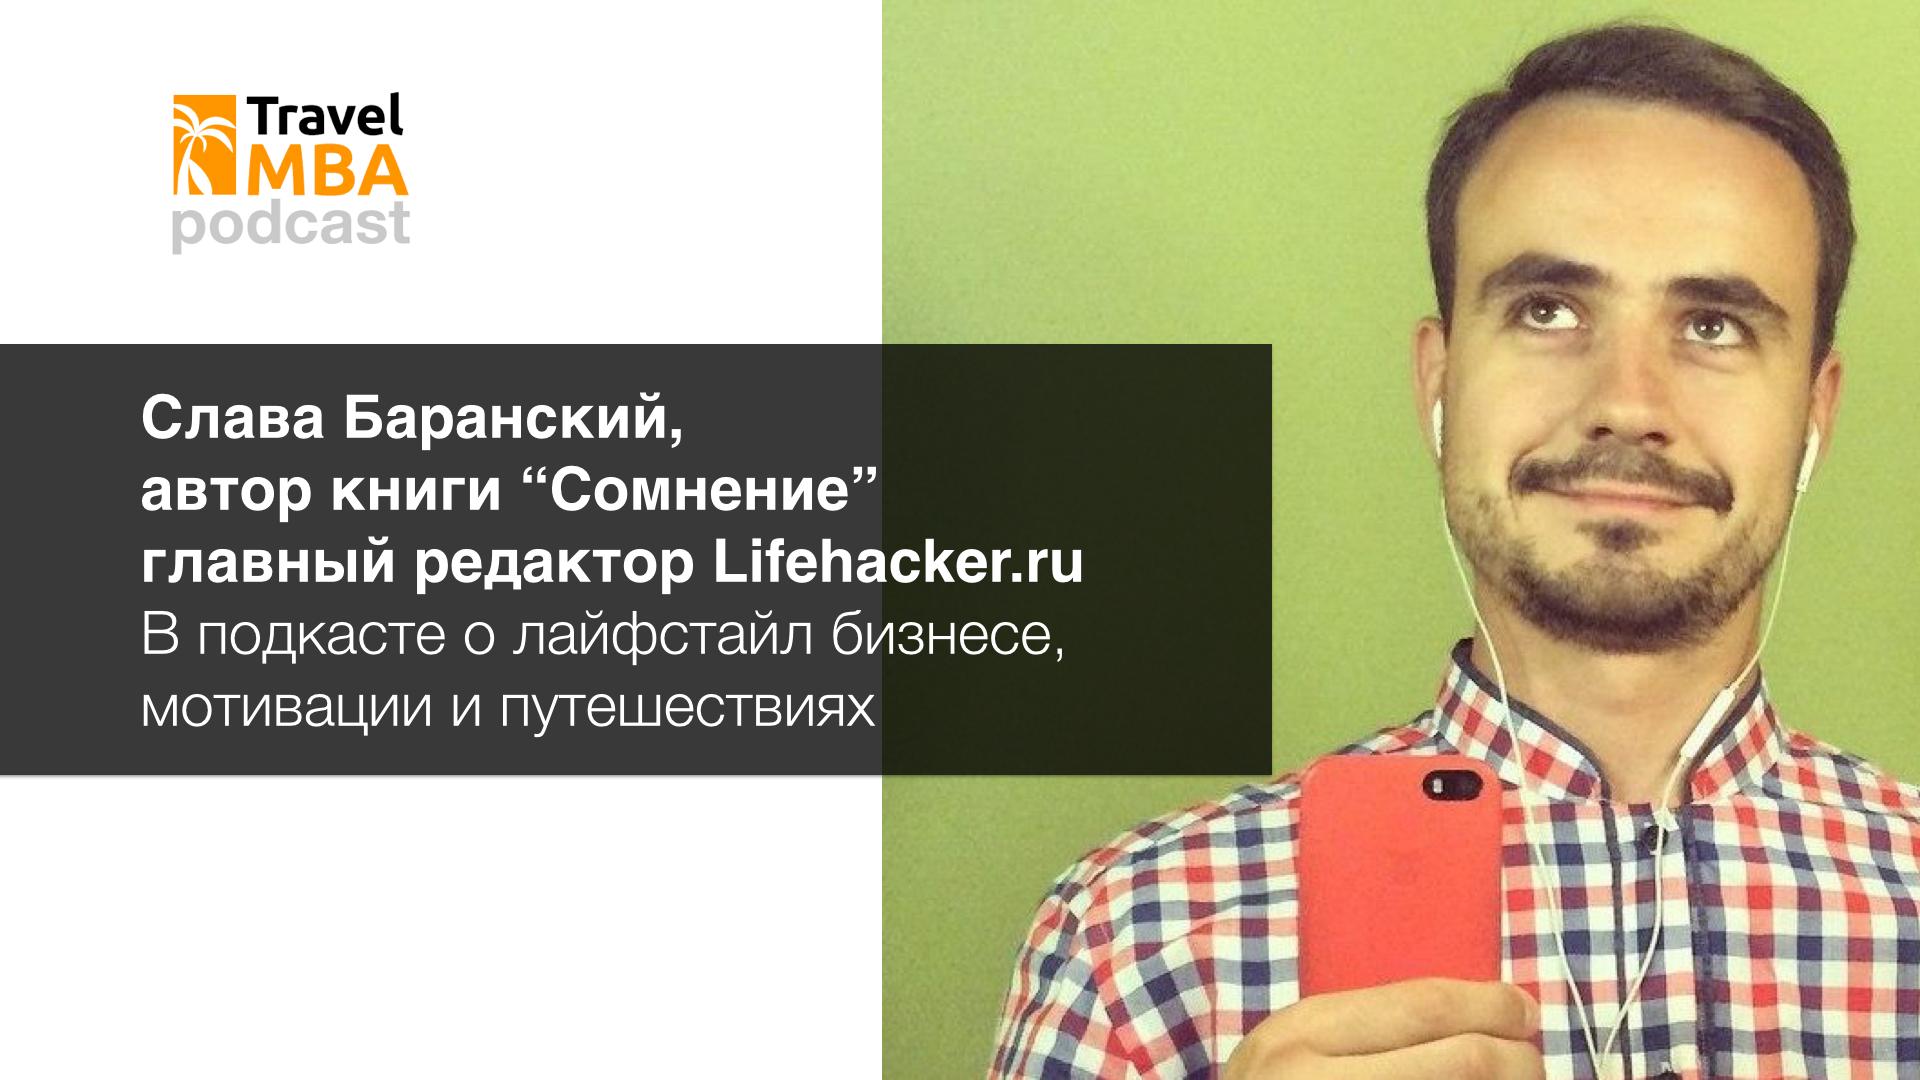 Подкаст со Славой Баранским: о лайфстайл бизнесе, мотивации и путешествиях